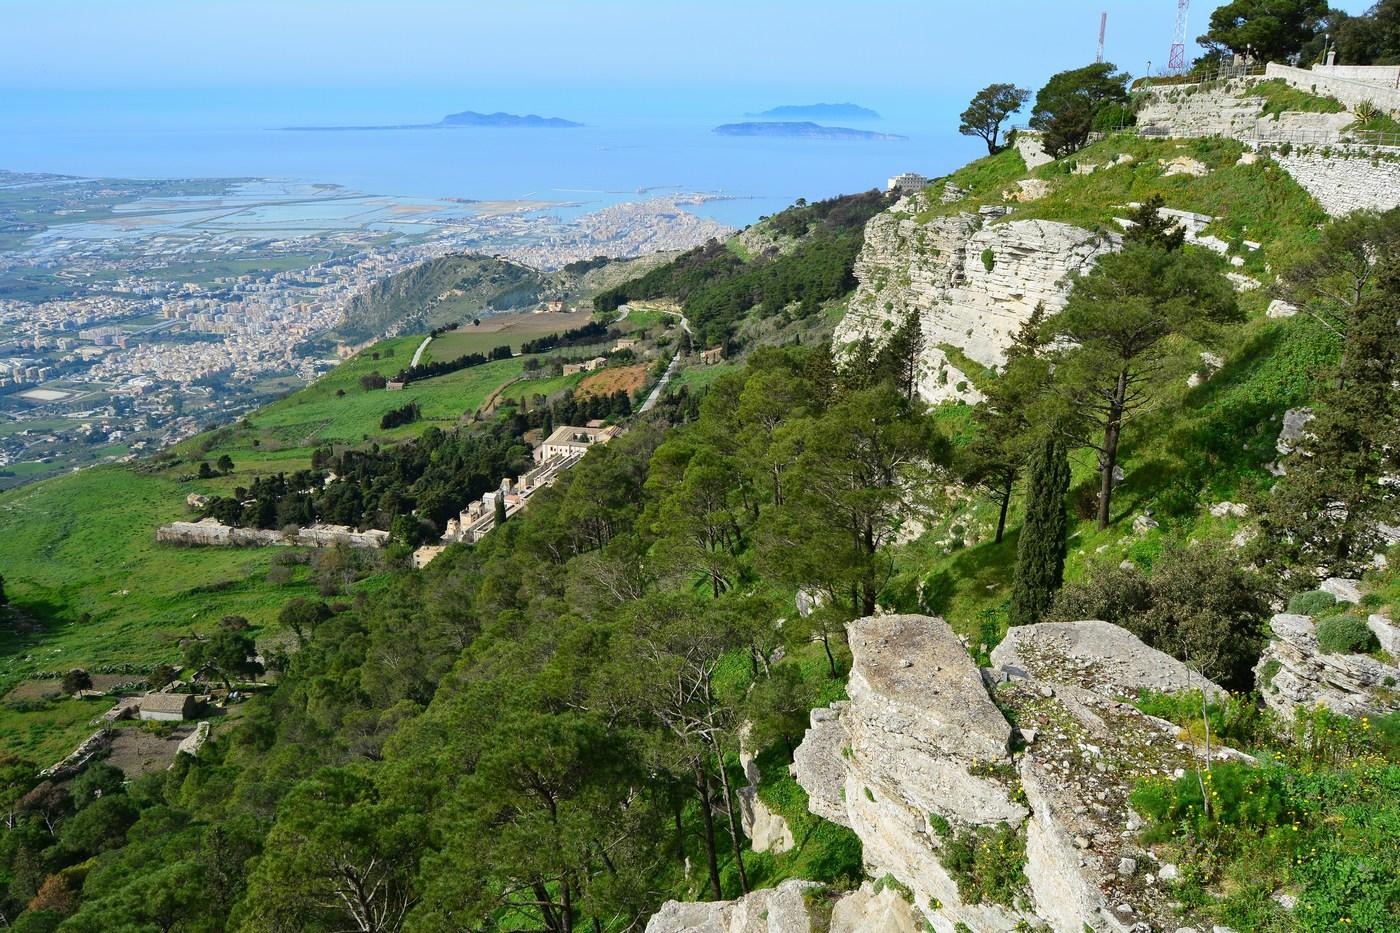 La vue est prodigieuse, où que l'on regarde, depuis le sommet du village, aux alentours du château. D'ici, vue plongeante de 756 mètres vers la mer et la grande ville de Trapani, avec ses salines que l'on voit parfaitement.